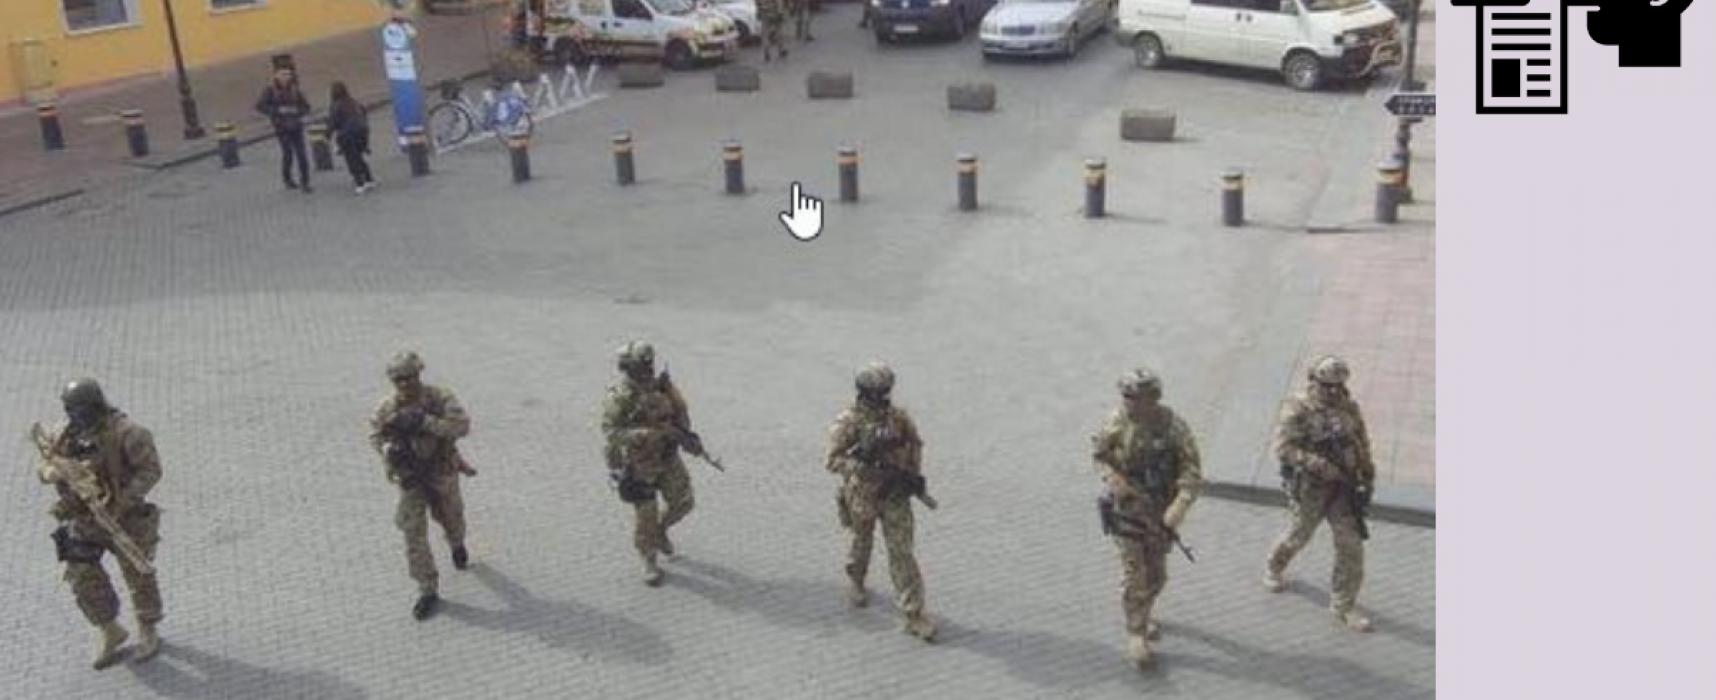 Фейк: Украинцы голосуют под дулами автоматов и в сопровождении спецназа